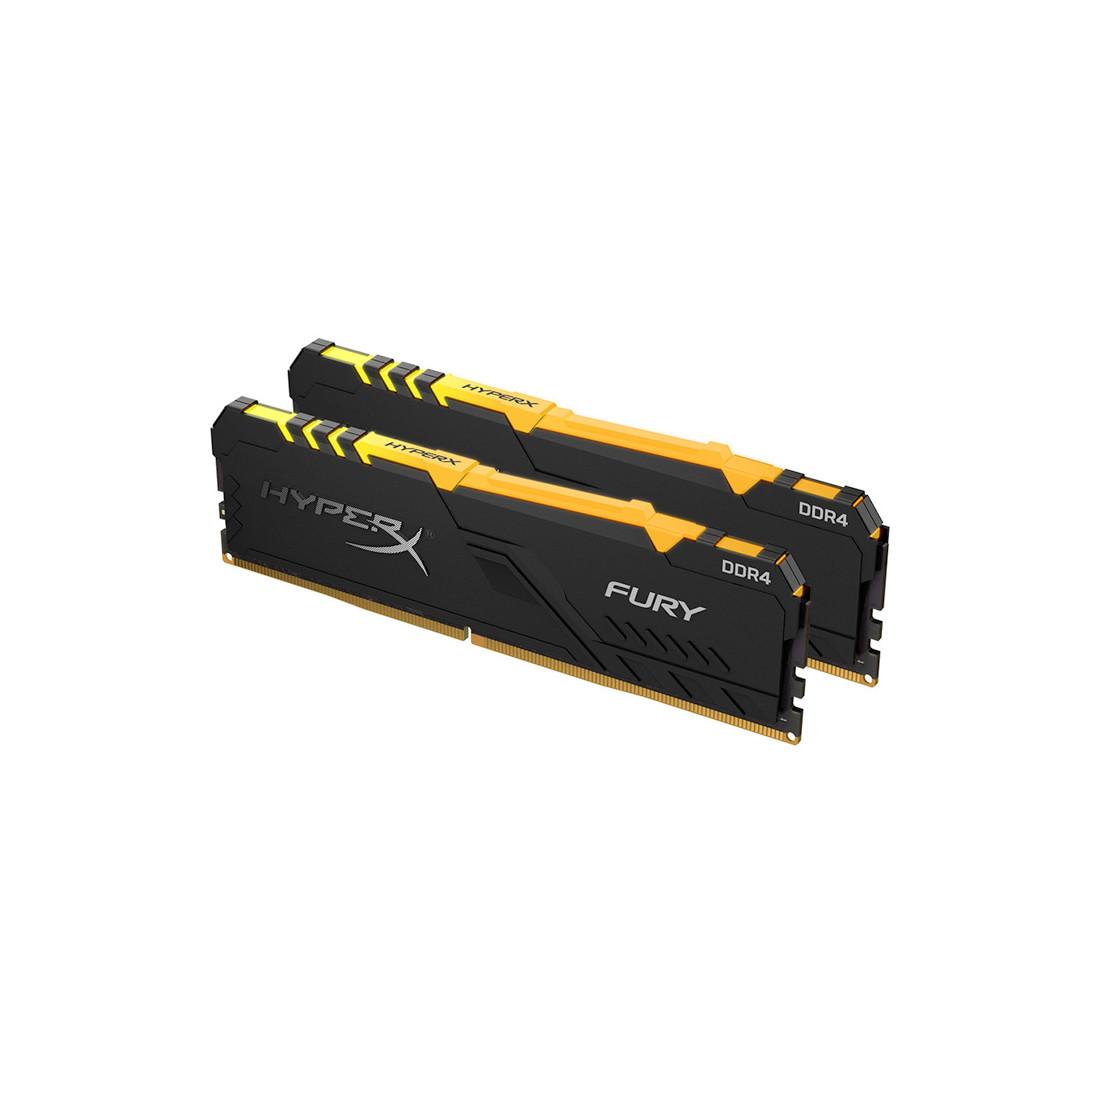 Комплект модулей памяти Kingston HyperX Fury RGB HX432C16FB3AK2/16 DDR4 16G (2x8G) 3200MHz